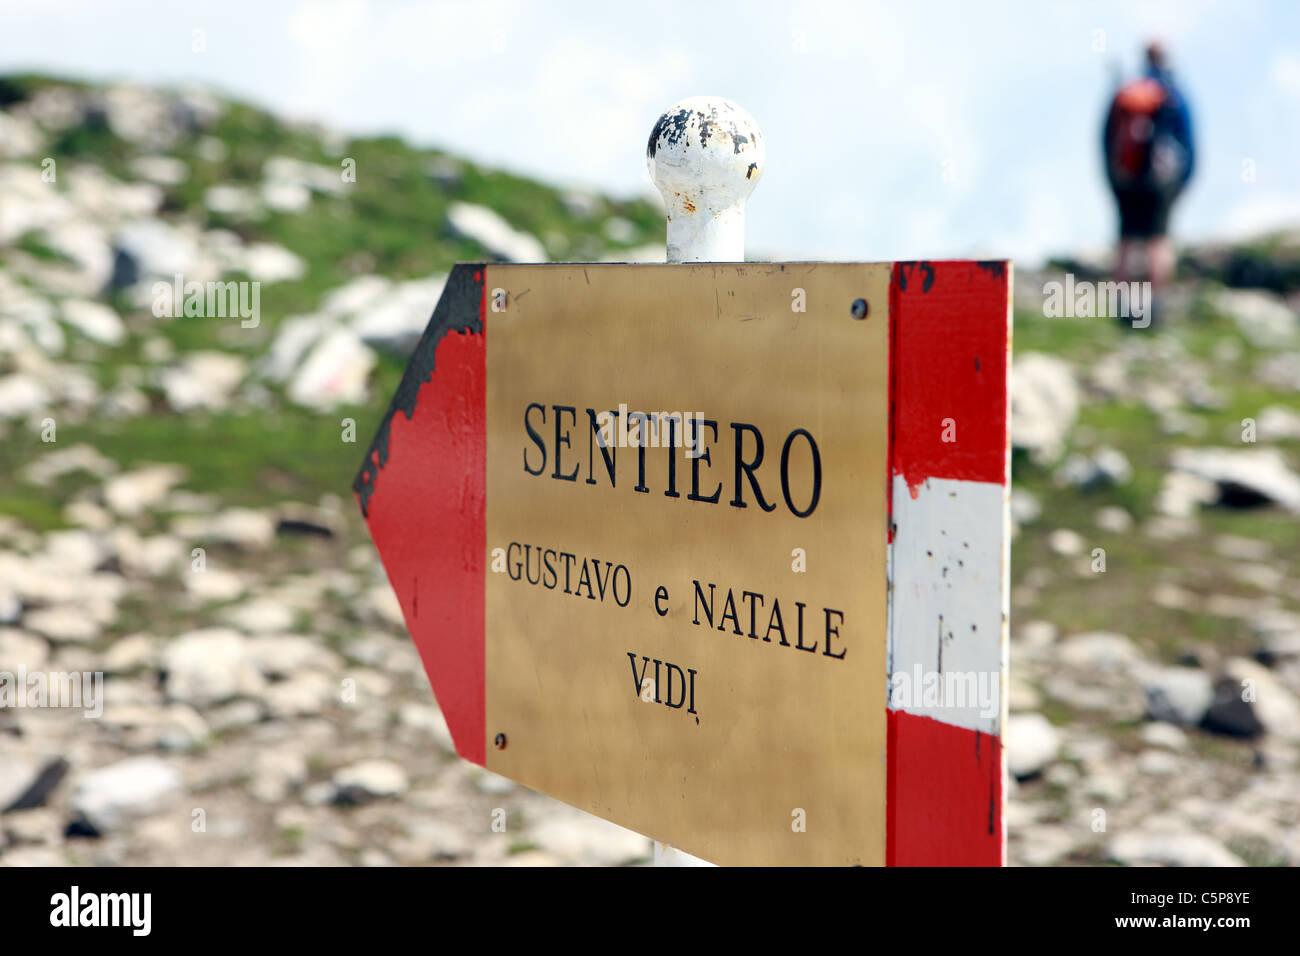 Sign showing the route to the Brenta Dolomite via Ferrata walk, Sentiero Gustavo & Natale Vidi - Stock Image